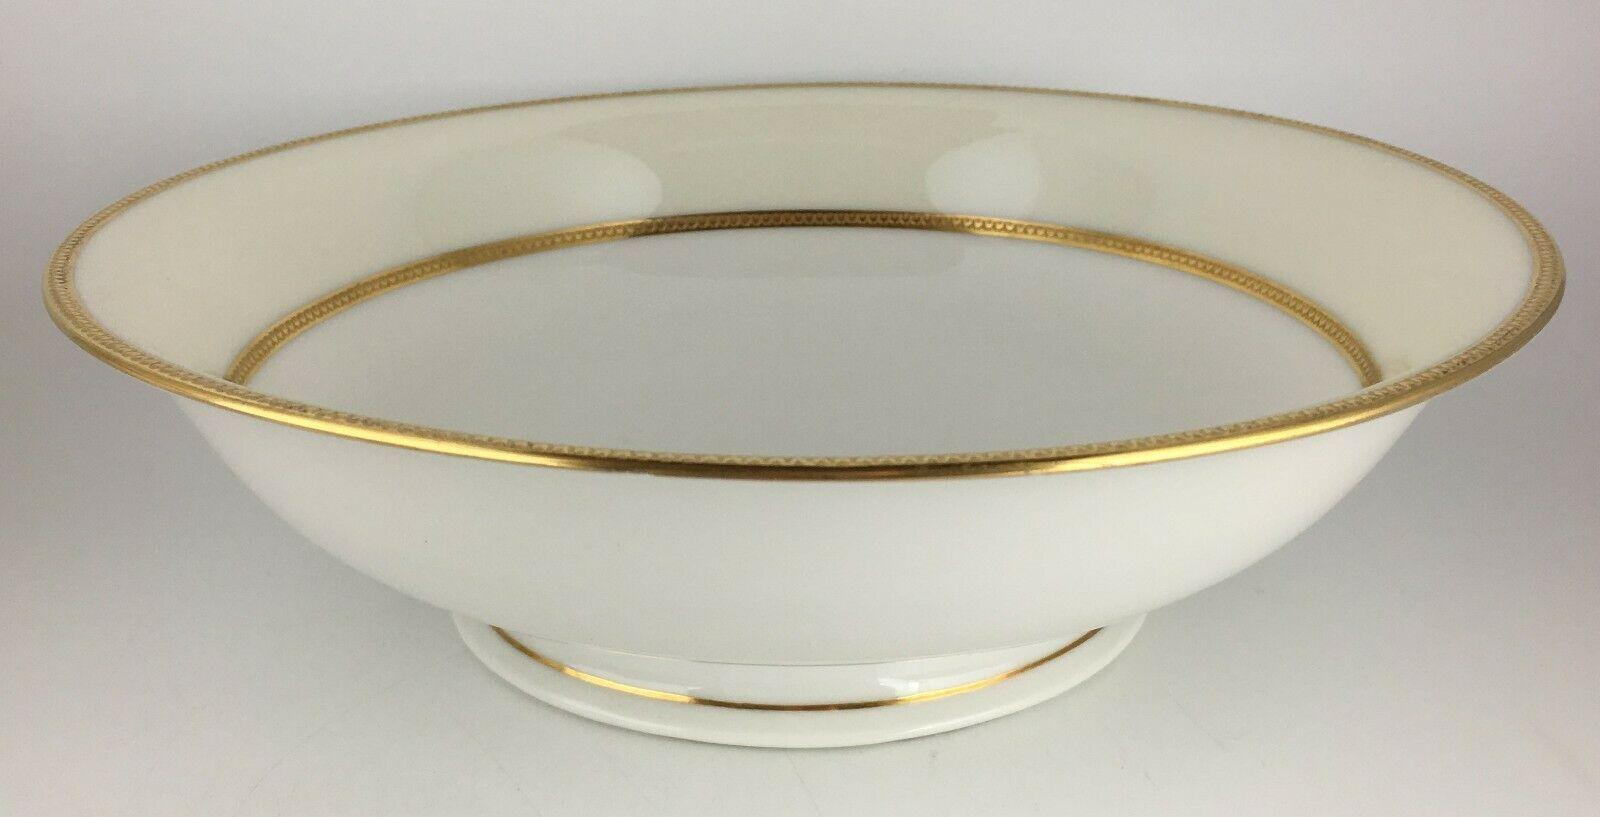 Haviland Limoges Schleiger 1003 Round vegetable bowl  - $65.00